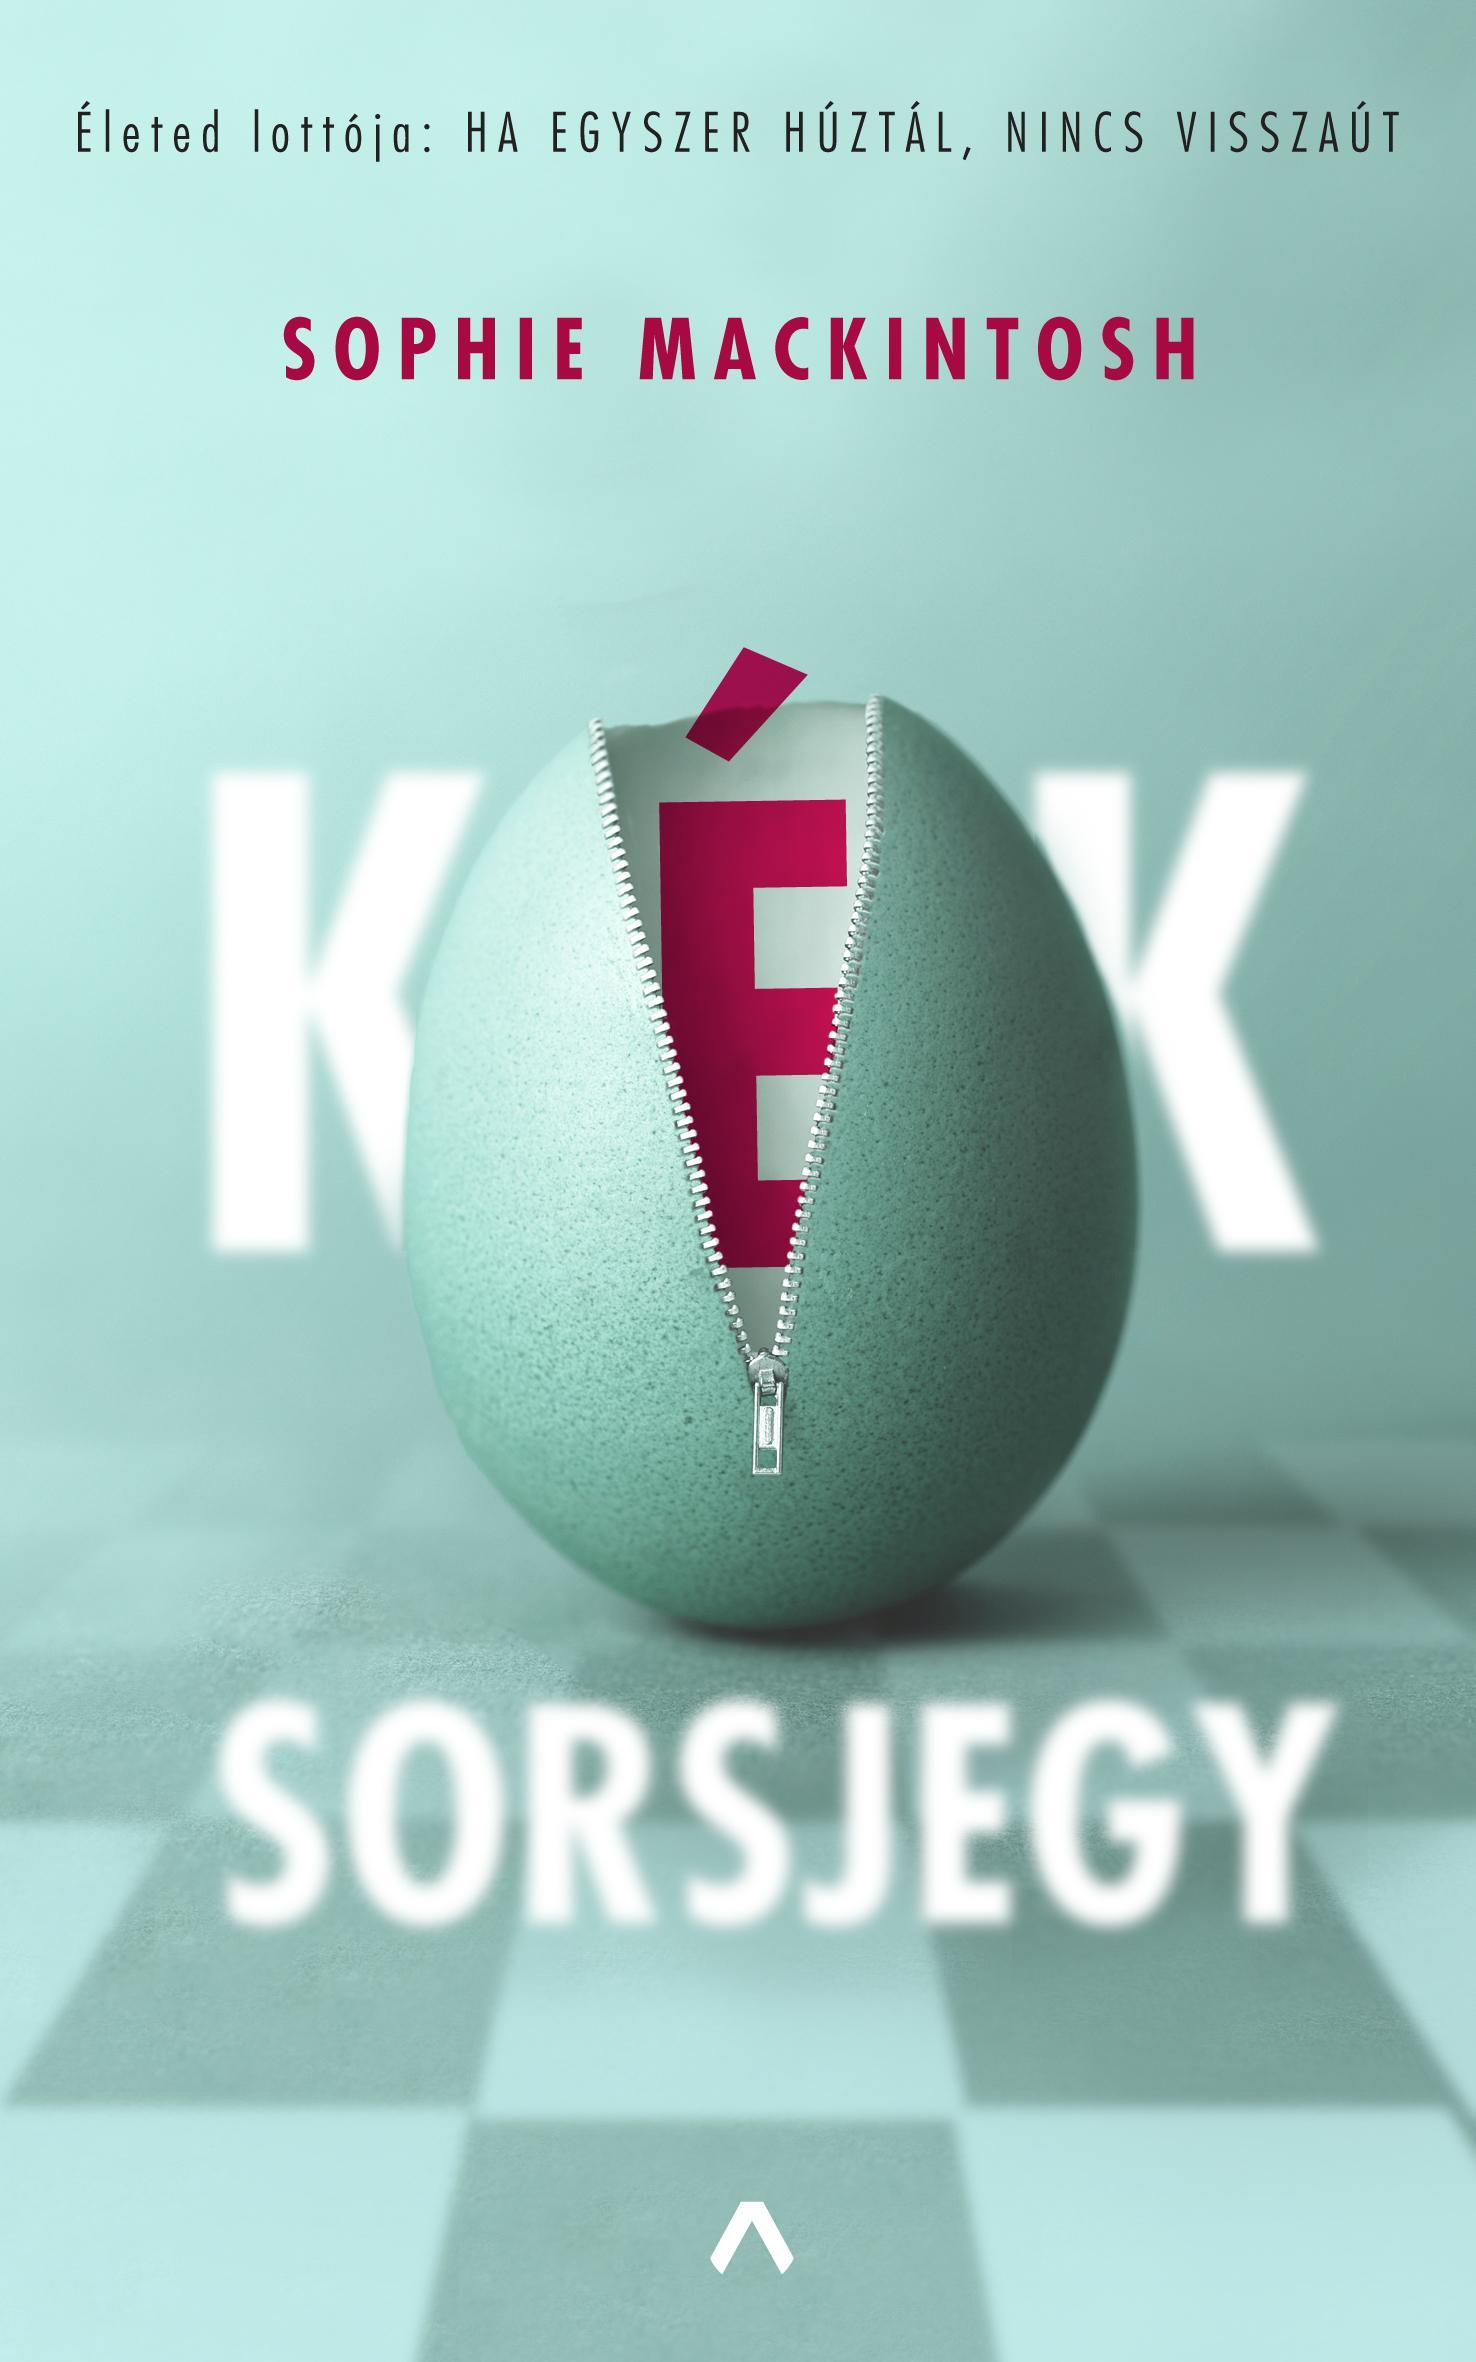 kek_sorsjegy.jpg